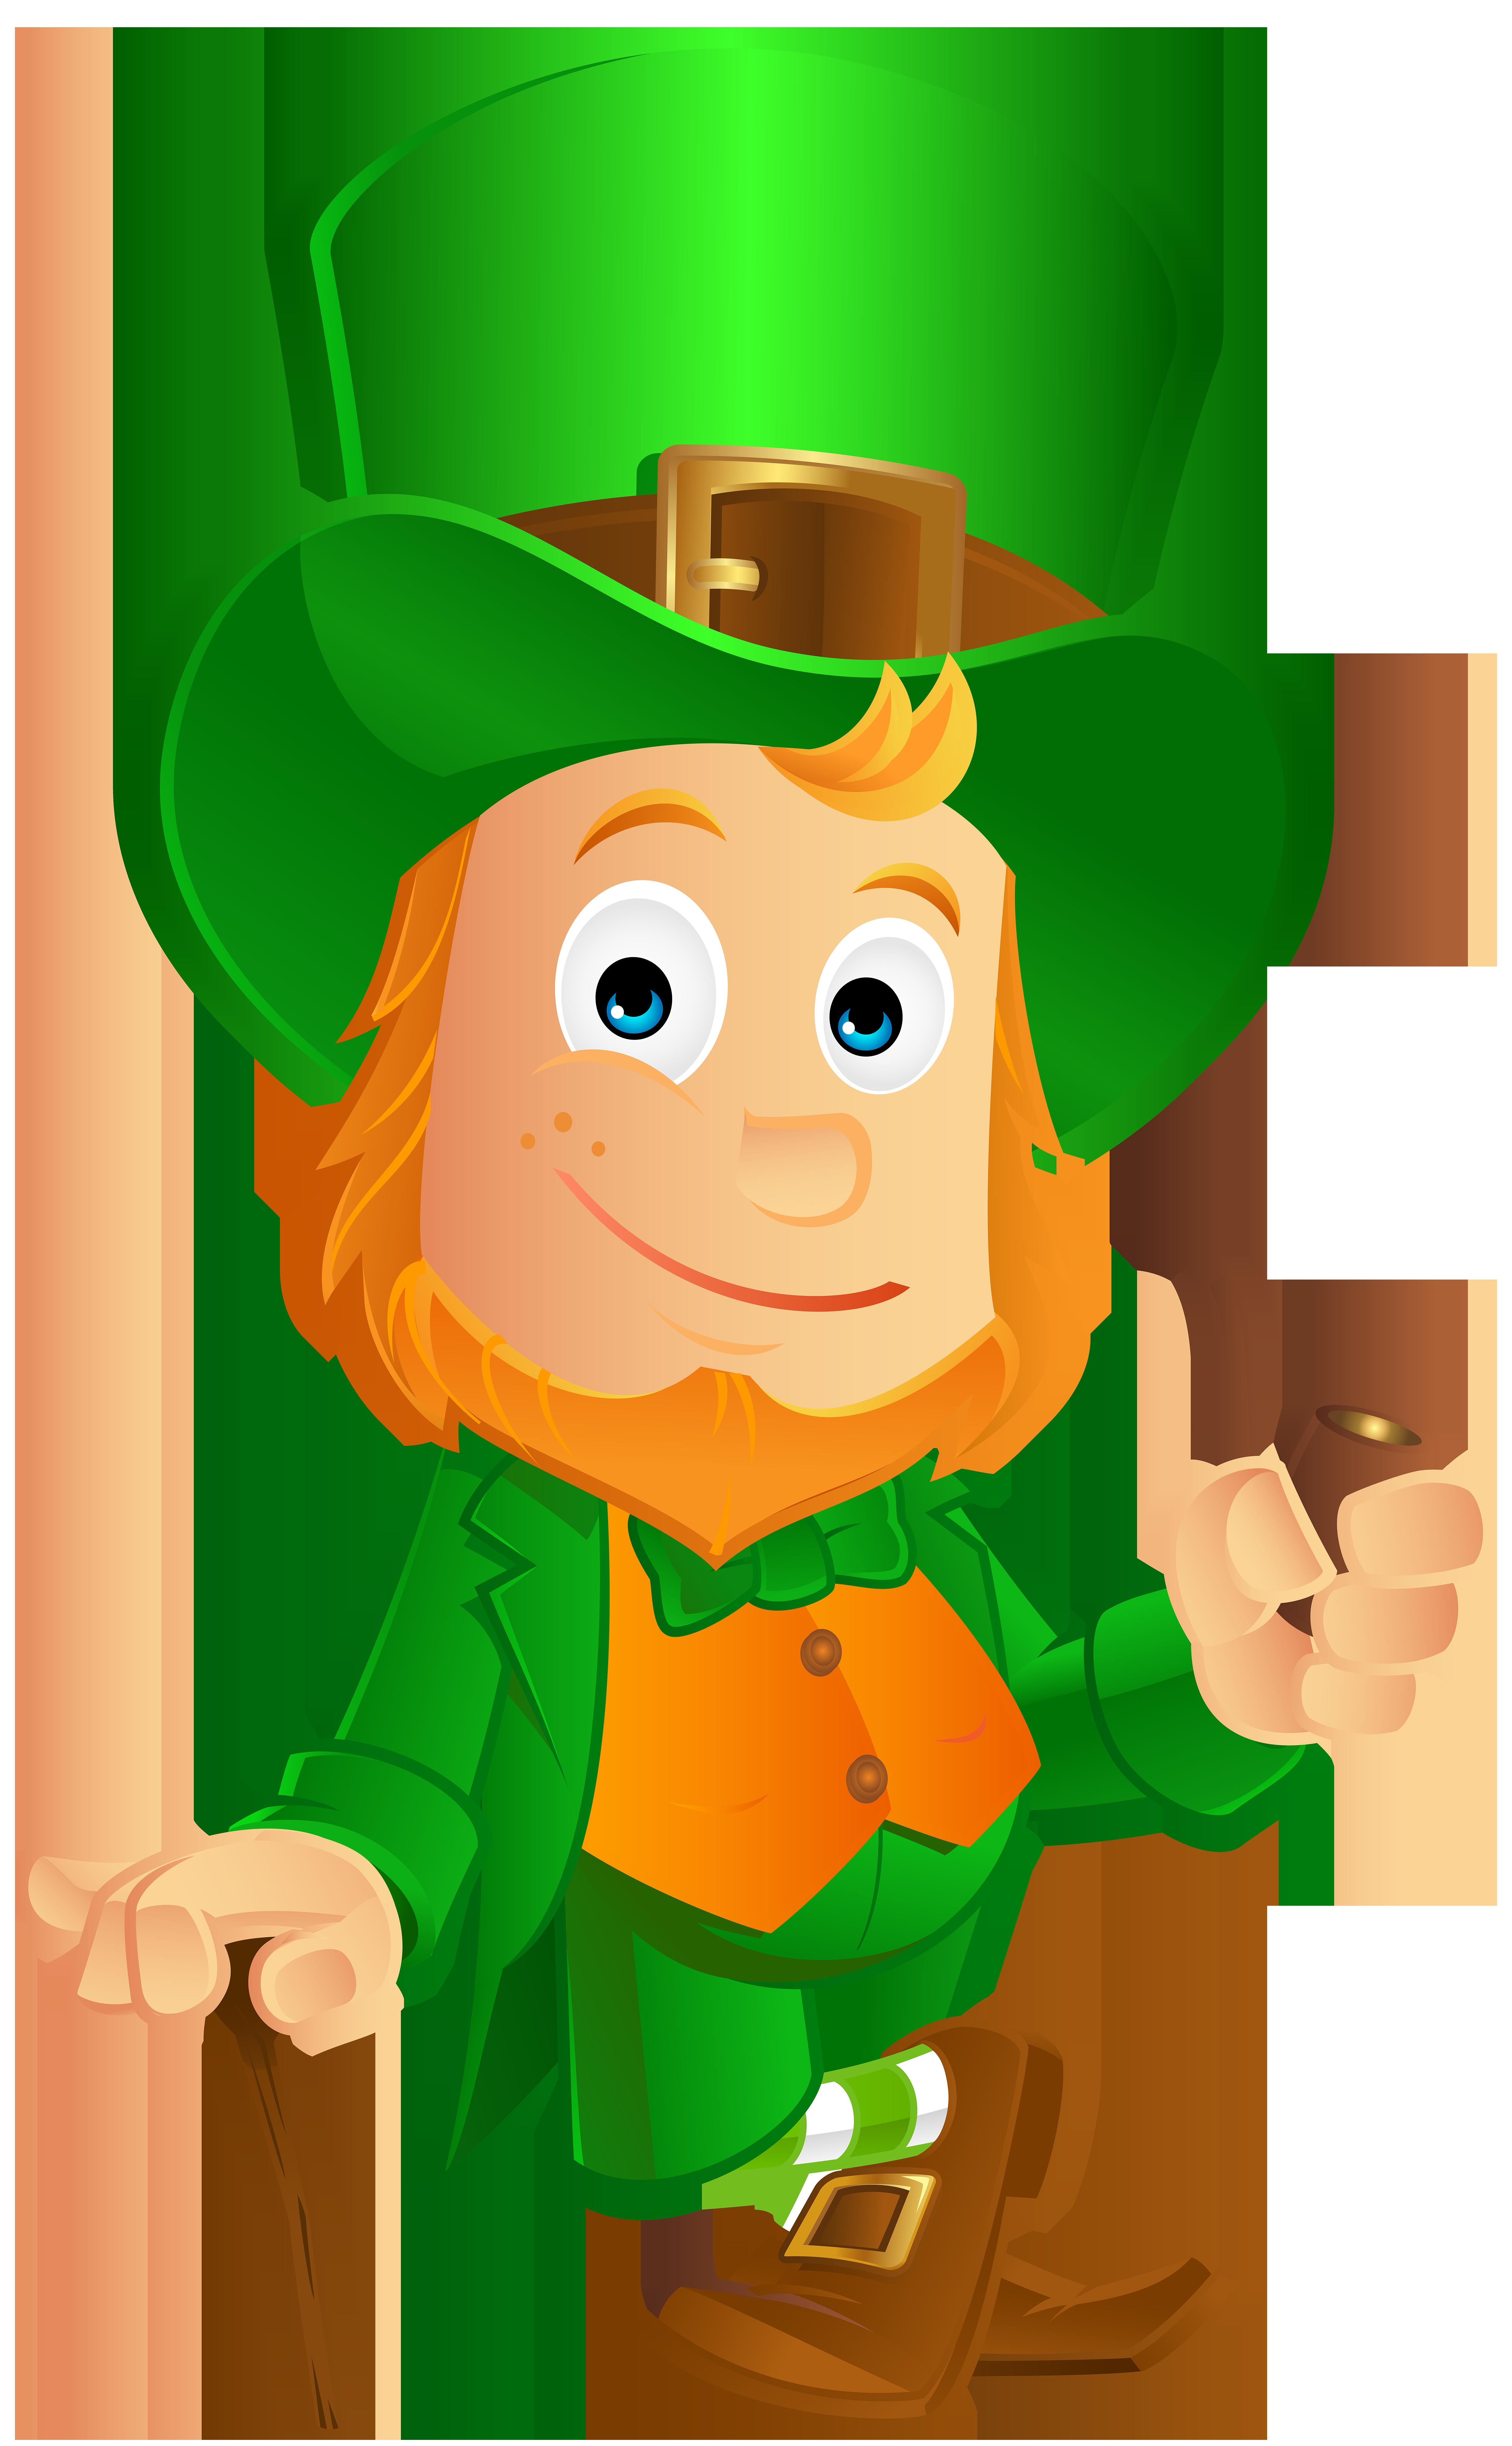 10 Best Chip Bag 2 Grd 1320 Images St Patricks Crafts St Patrick S Day Crafts St Patricks Day Crafts For Kids